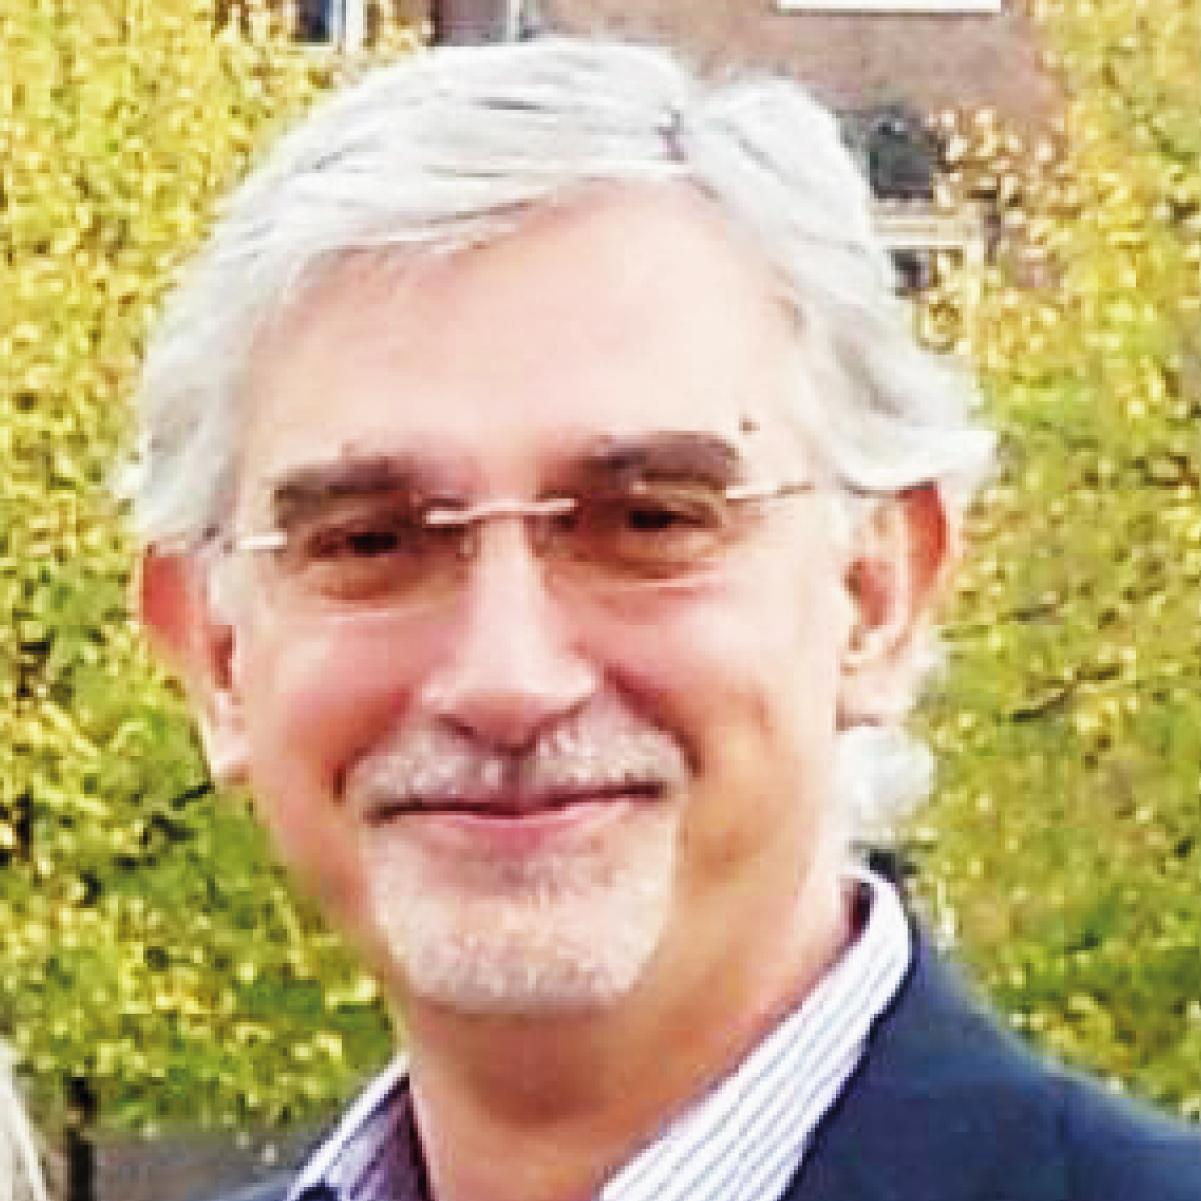 Luís Manuel Zambujal Chícharo